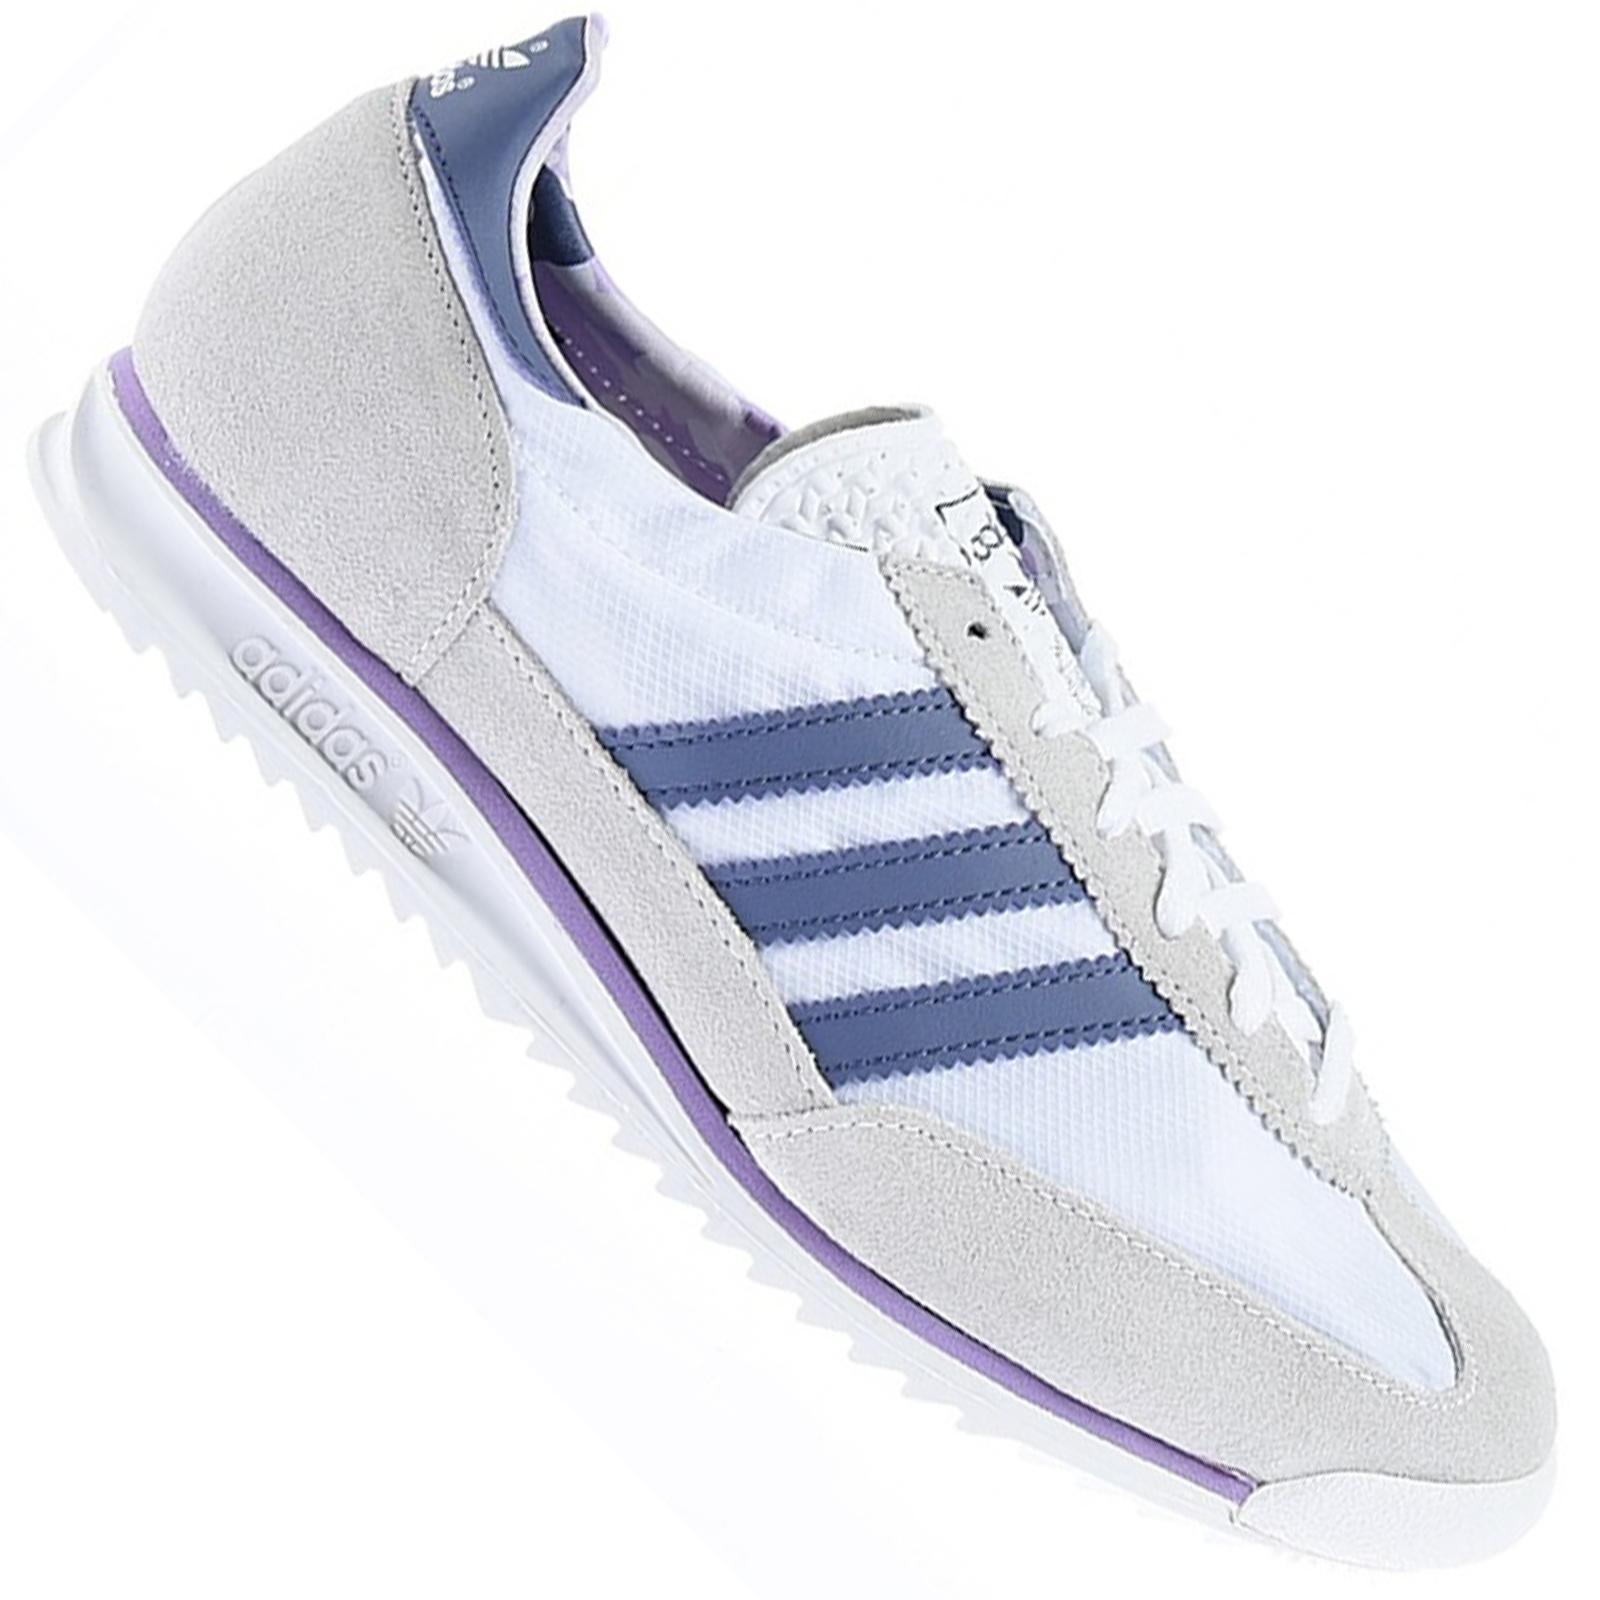 Venta caliente genuino recoger modelado duradero Adidas SL 72 Damas Retro Cuero Zapatos Entrenadores Vintage ...